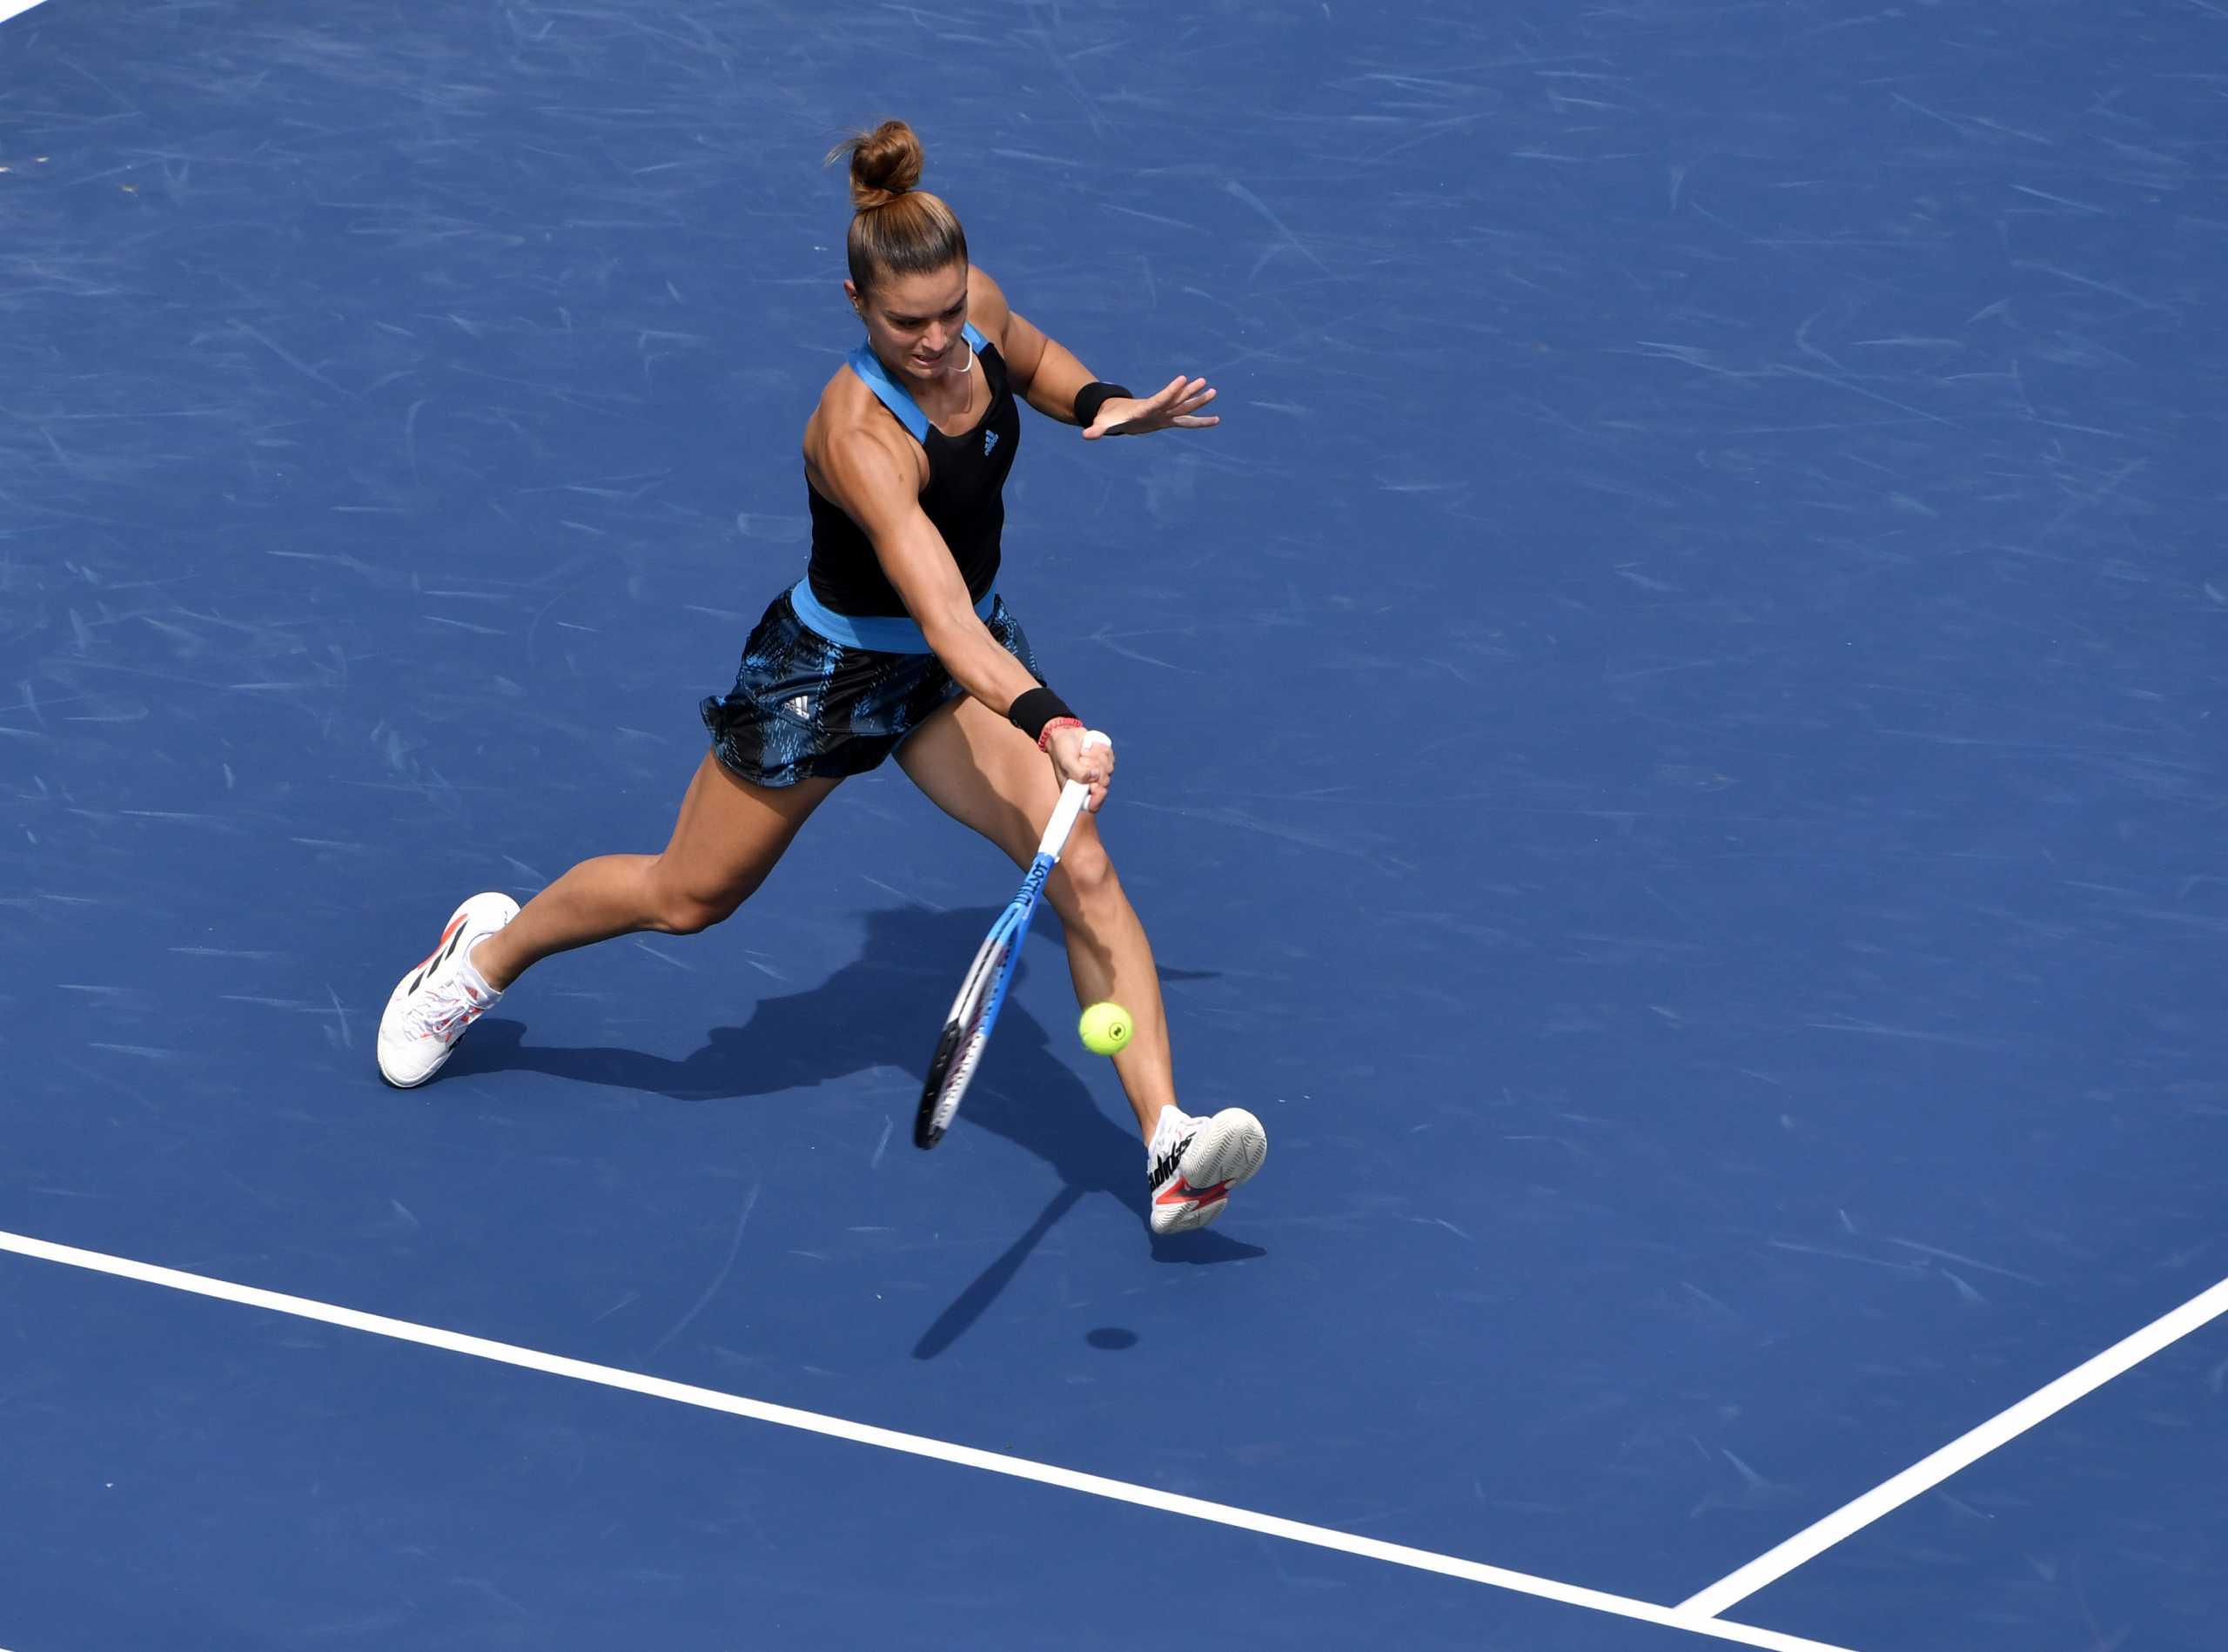 Μαρία Σάκκαρη: Πότε παίζει στο US Open